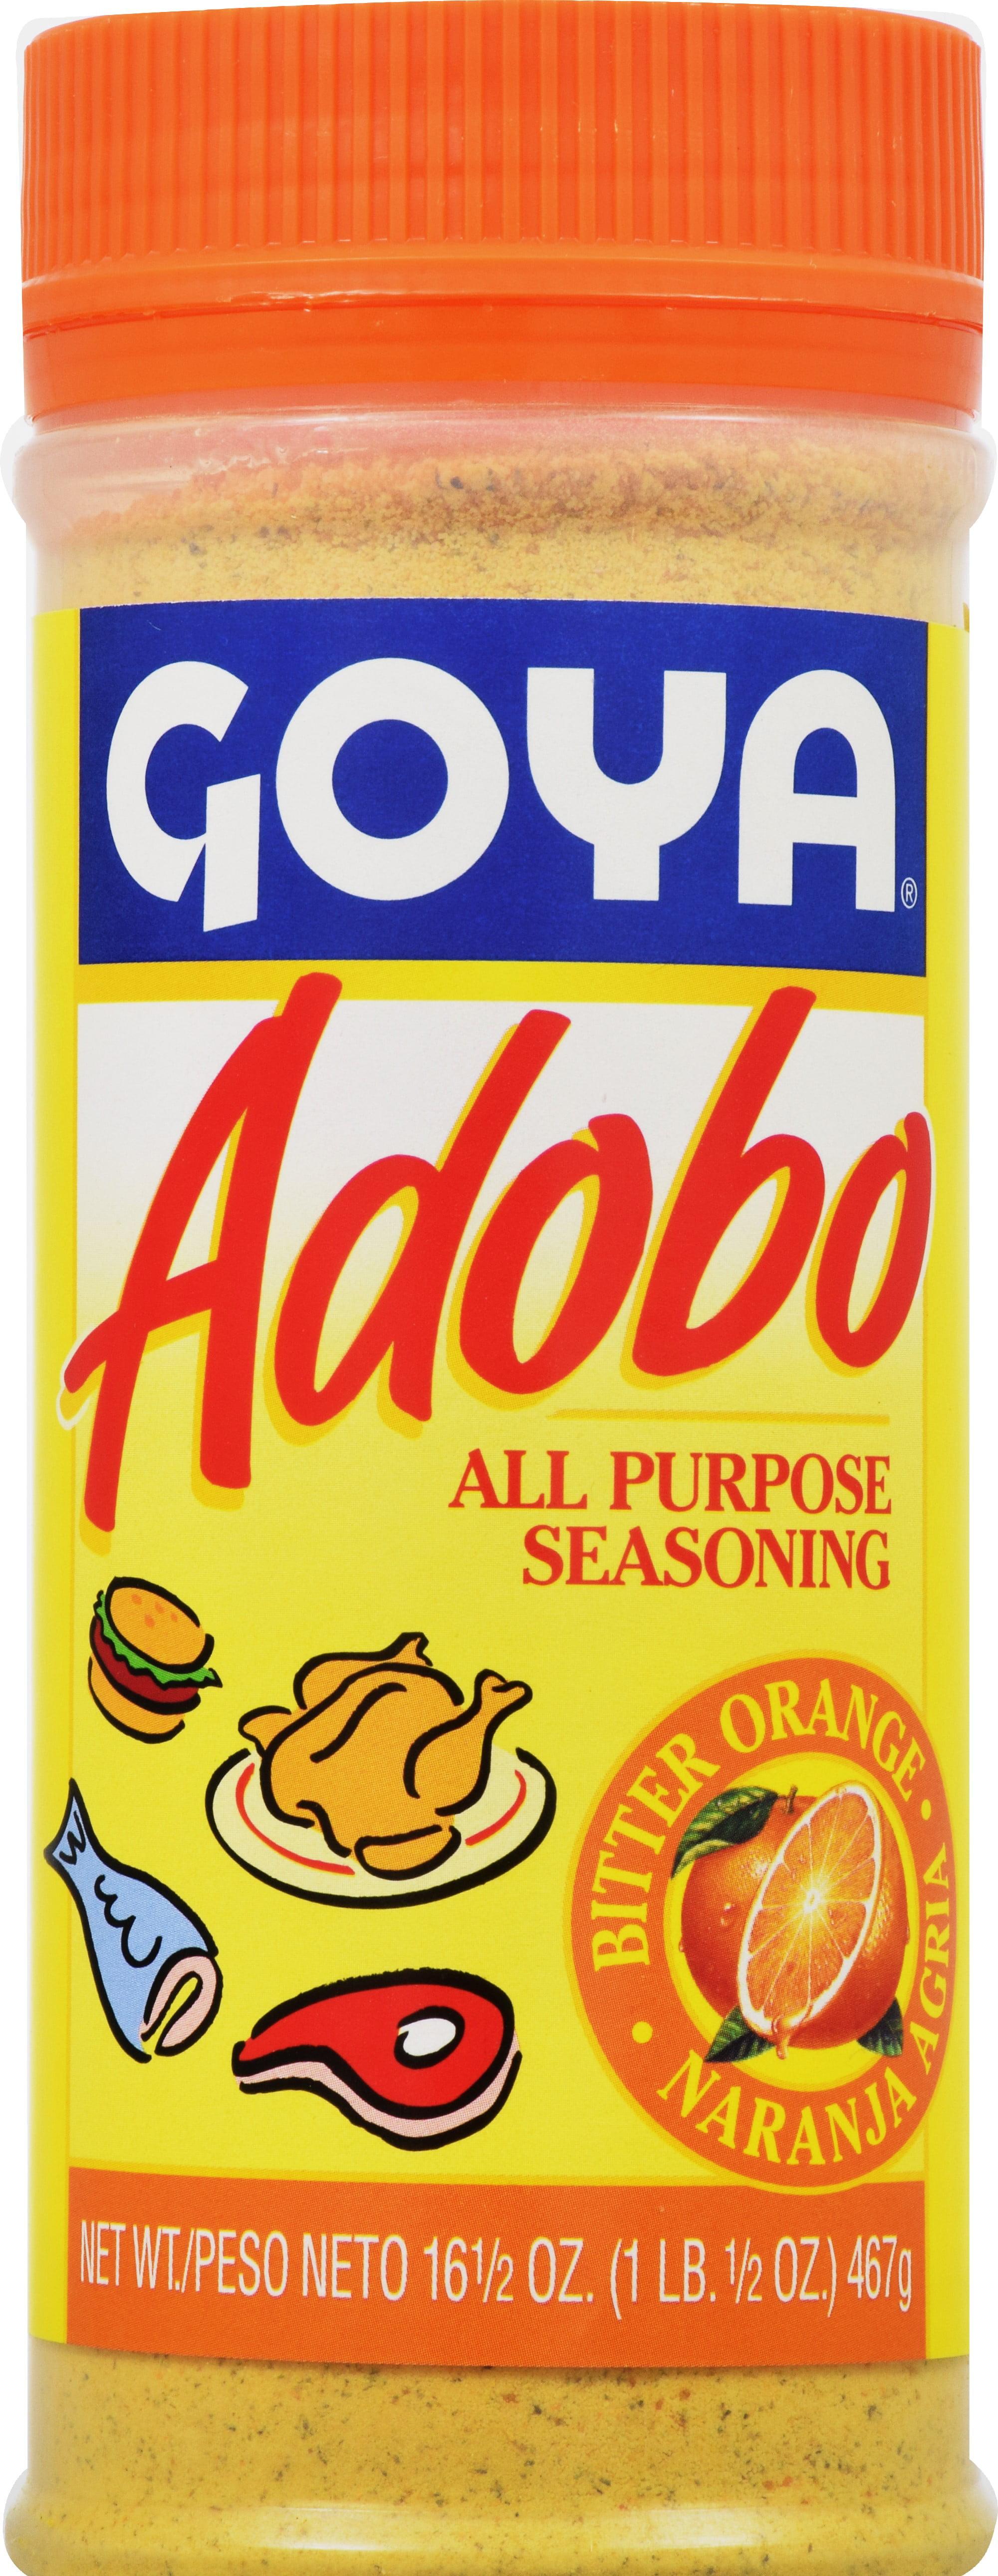 Goya Adobo Seasoning with Naranja, 16.5 Oz by Goya